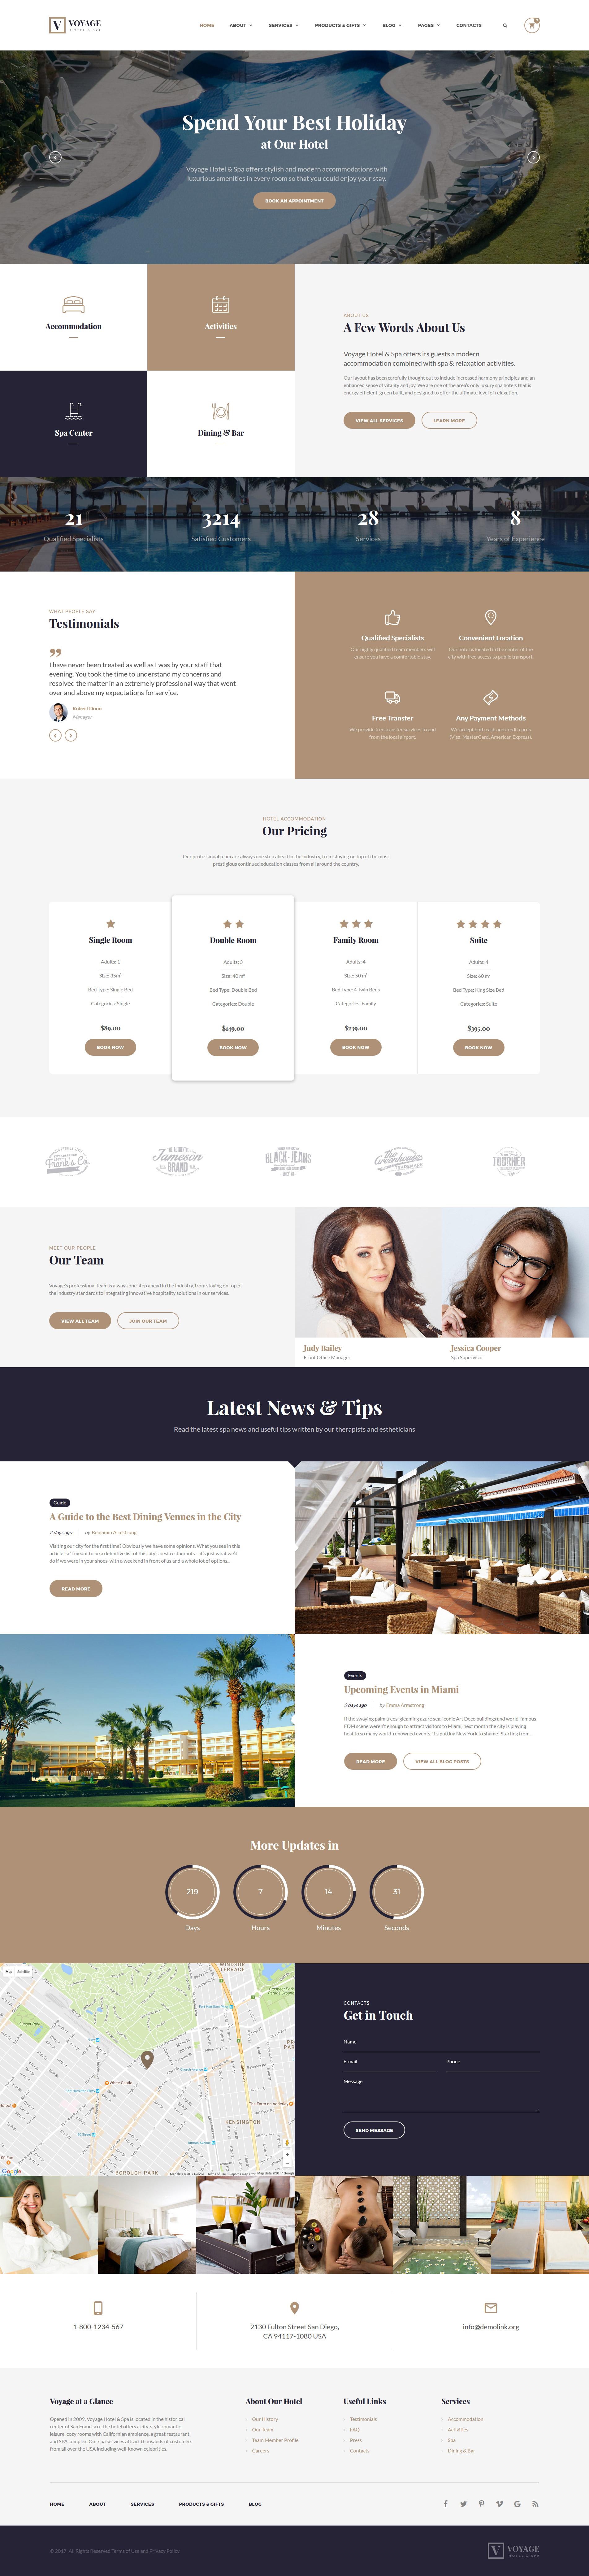 Template Web Flexível para Sites de Hotéis №55353 - captura de tela